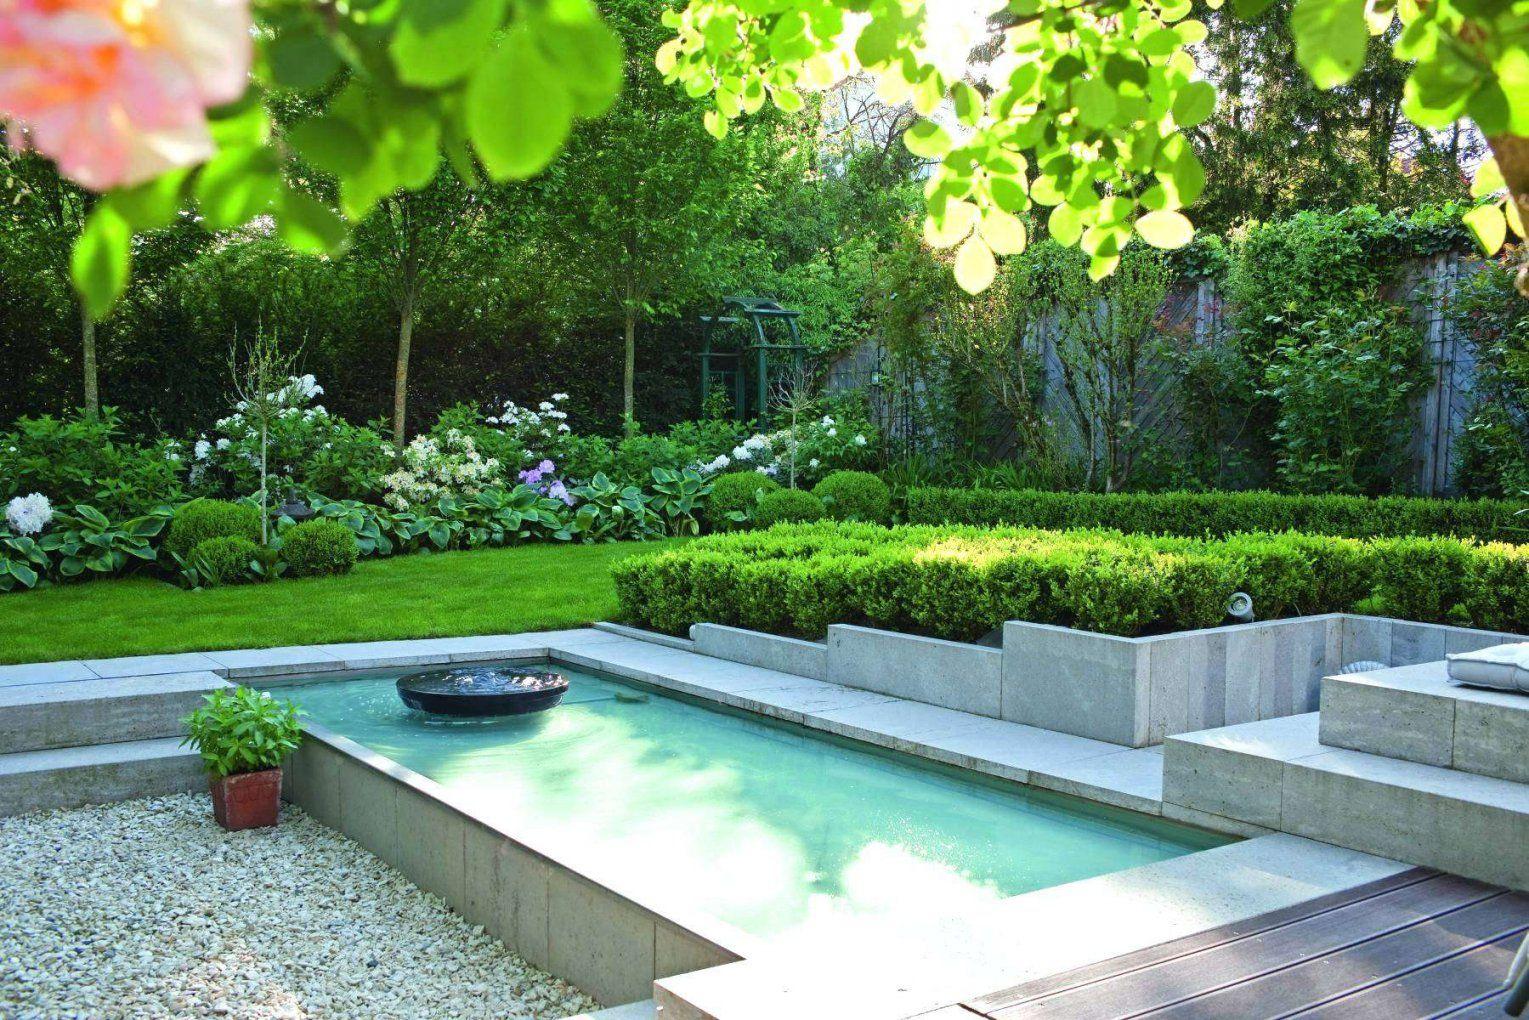 Einzigartig 40 Kleine Gärten Gestalten Beispiele Planen Designideen von Kleine Gärten Modern Gestalten Photo